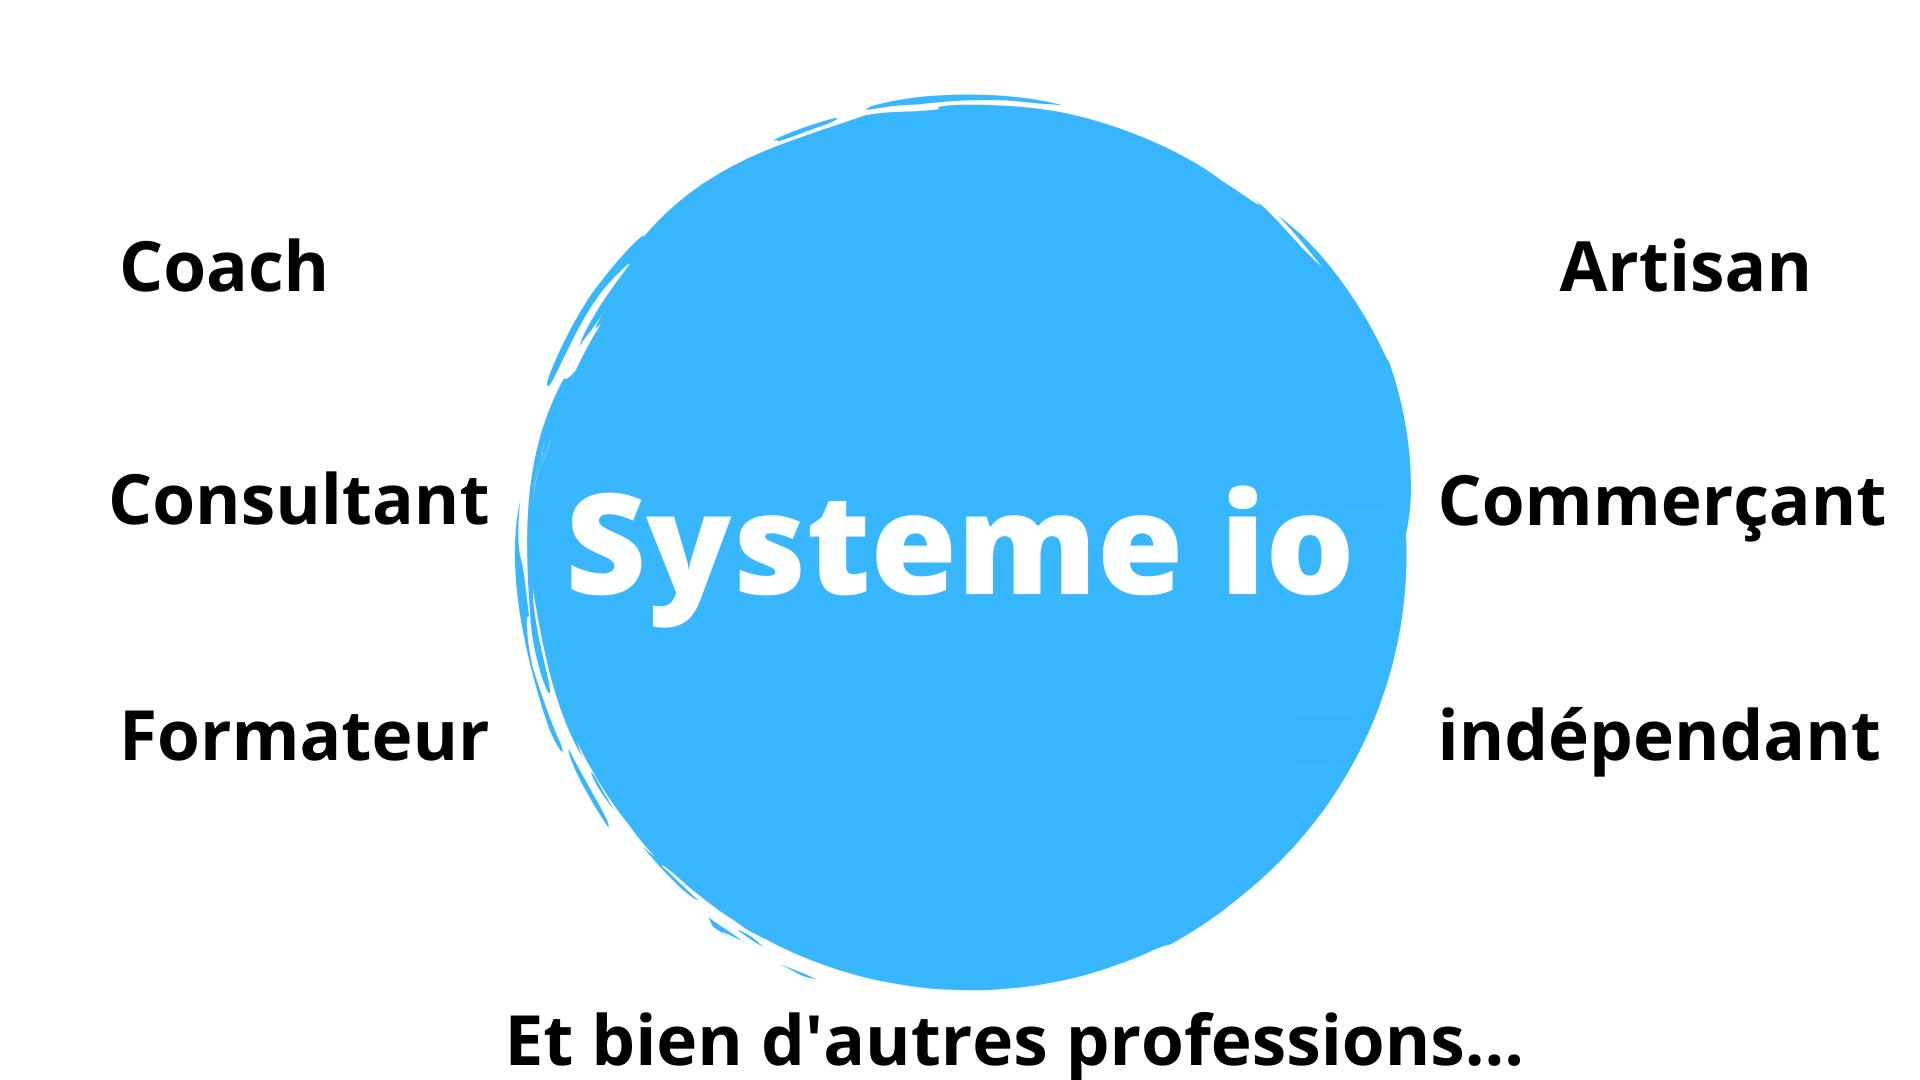 Systeme io, c'est pour qui